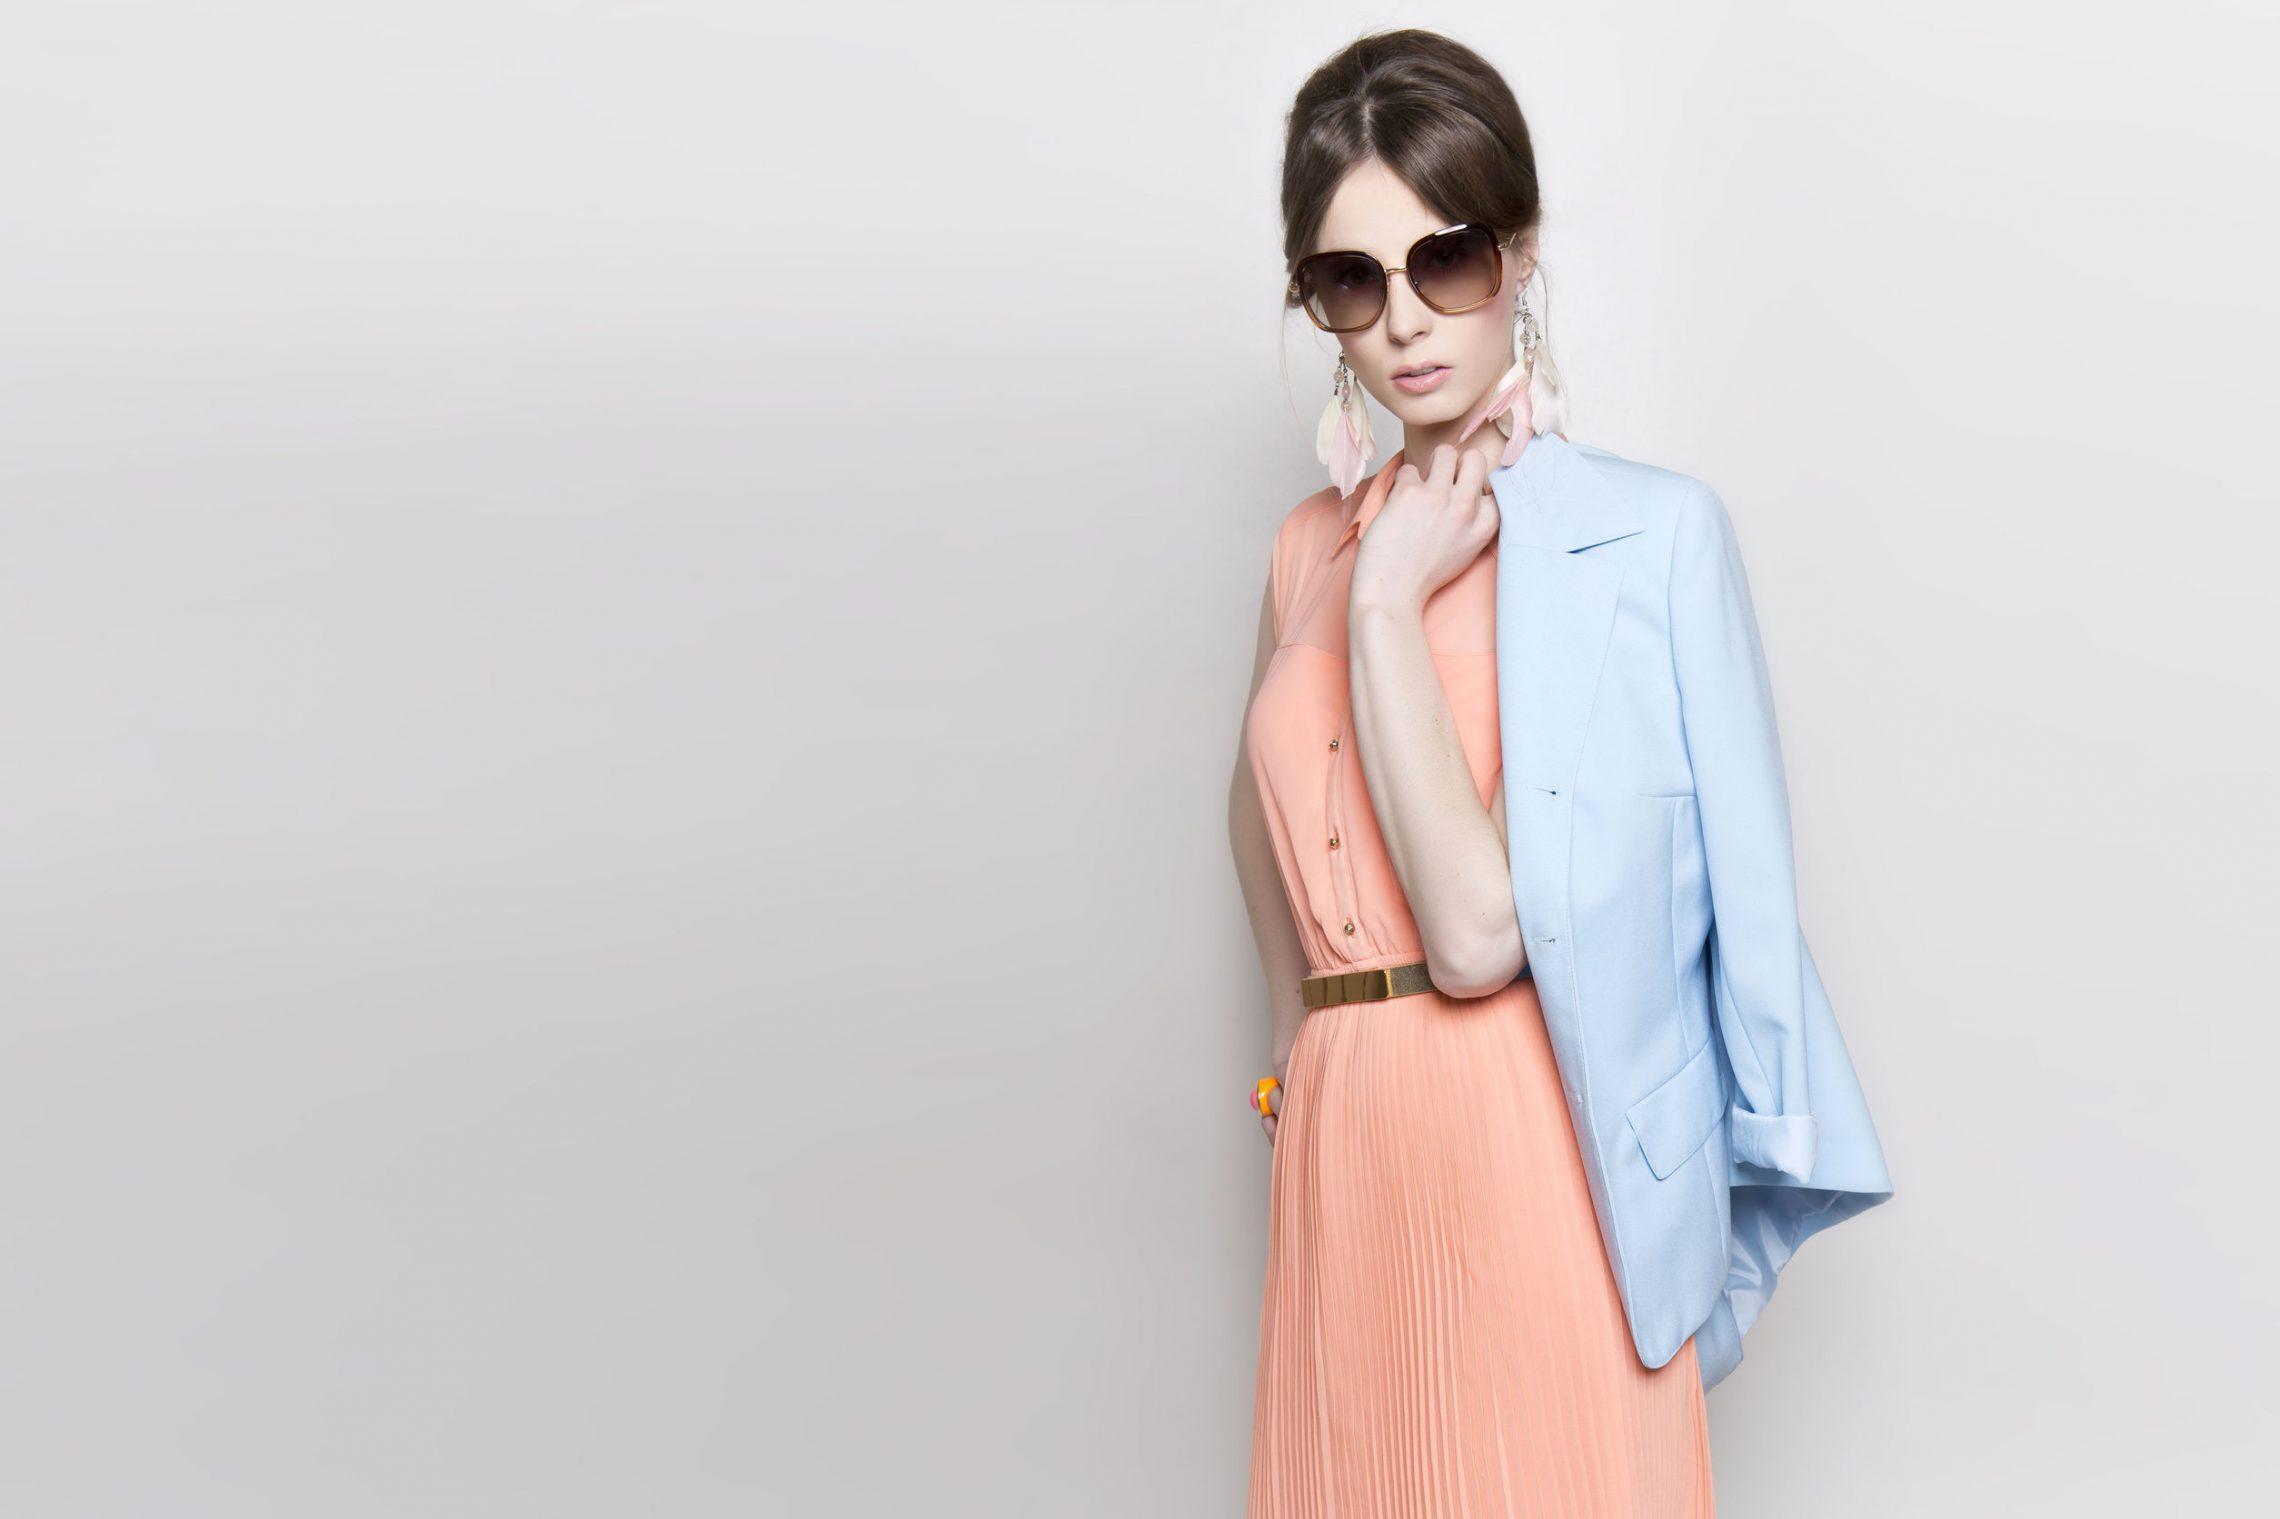 Moda na sukienki: 3 stylizacje